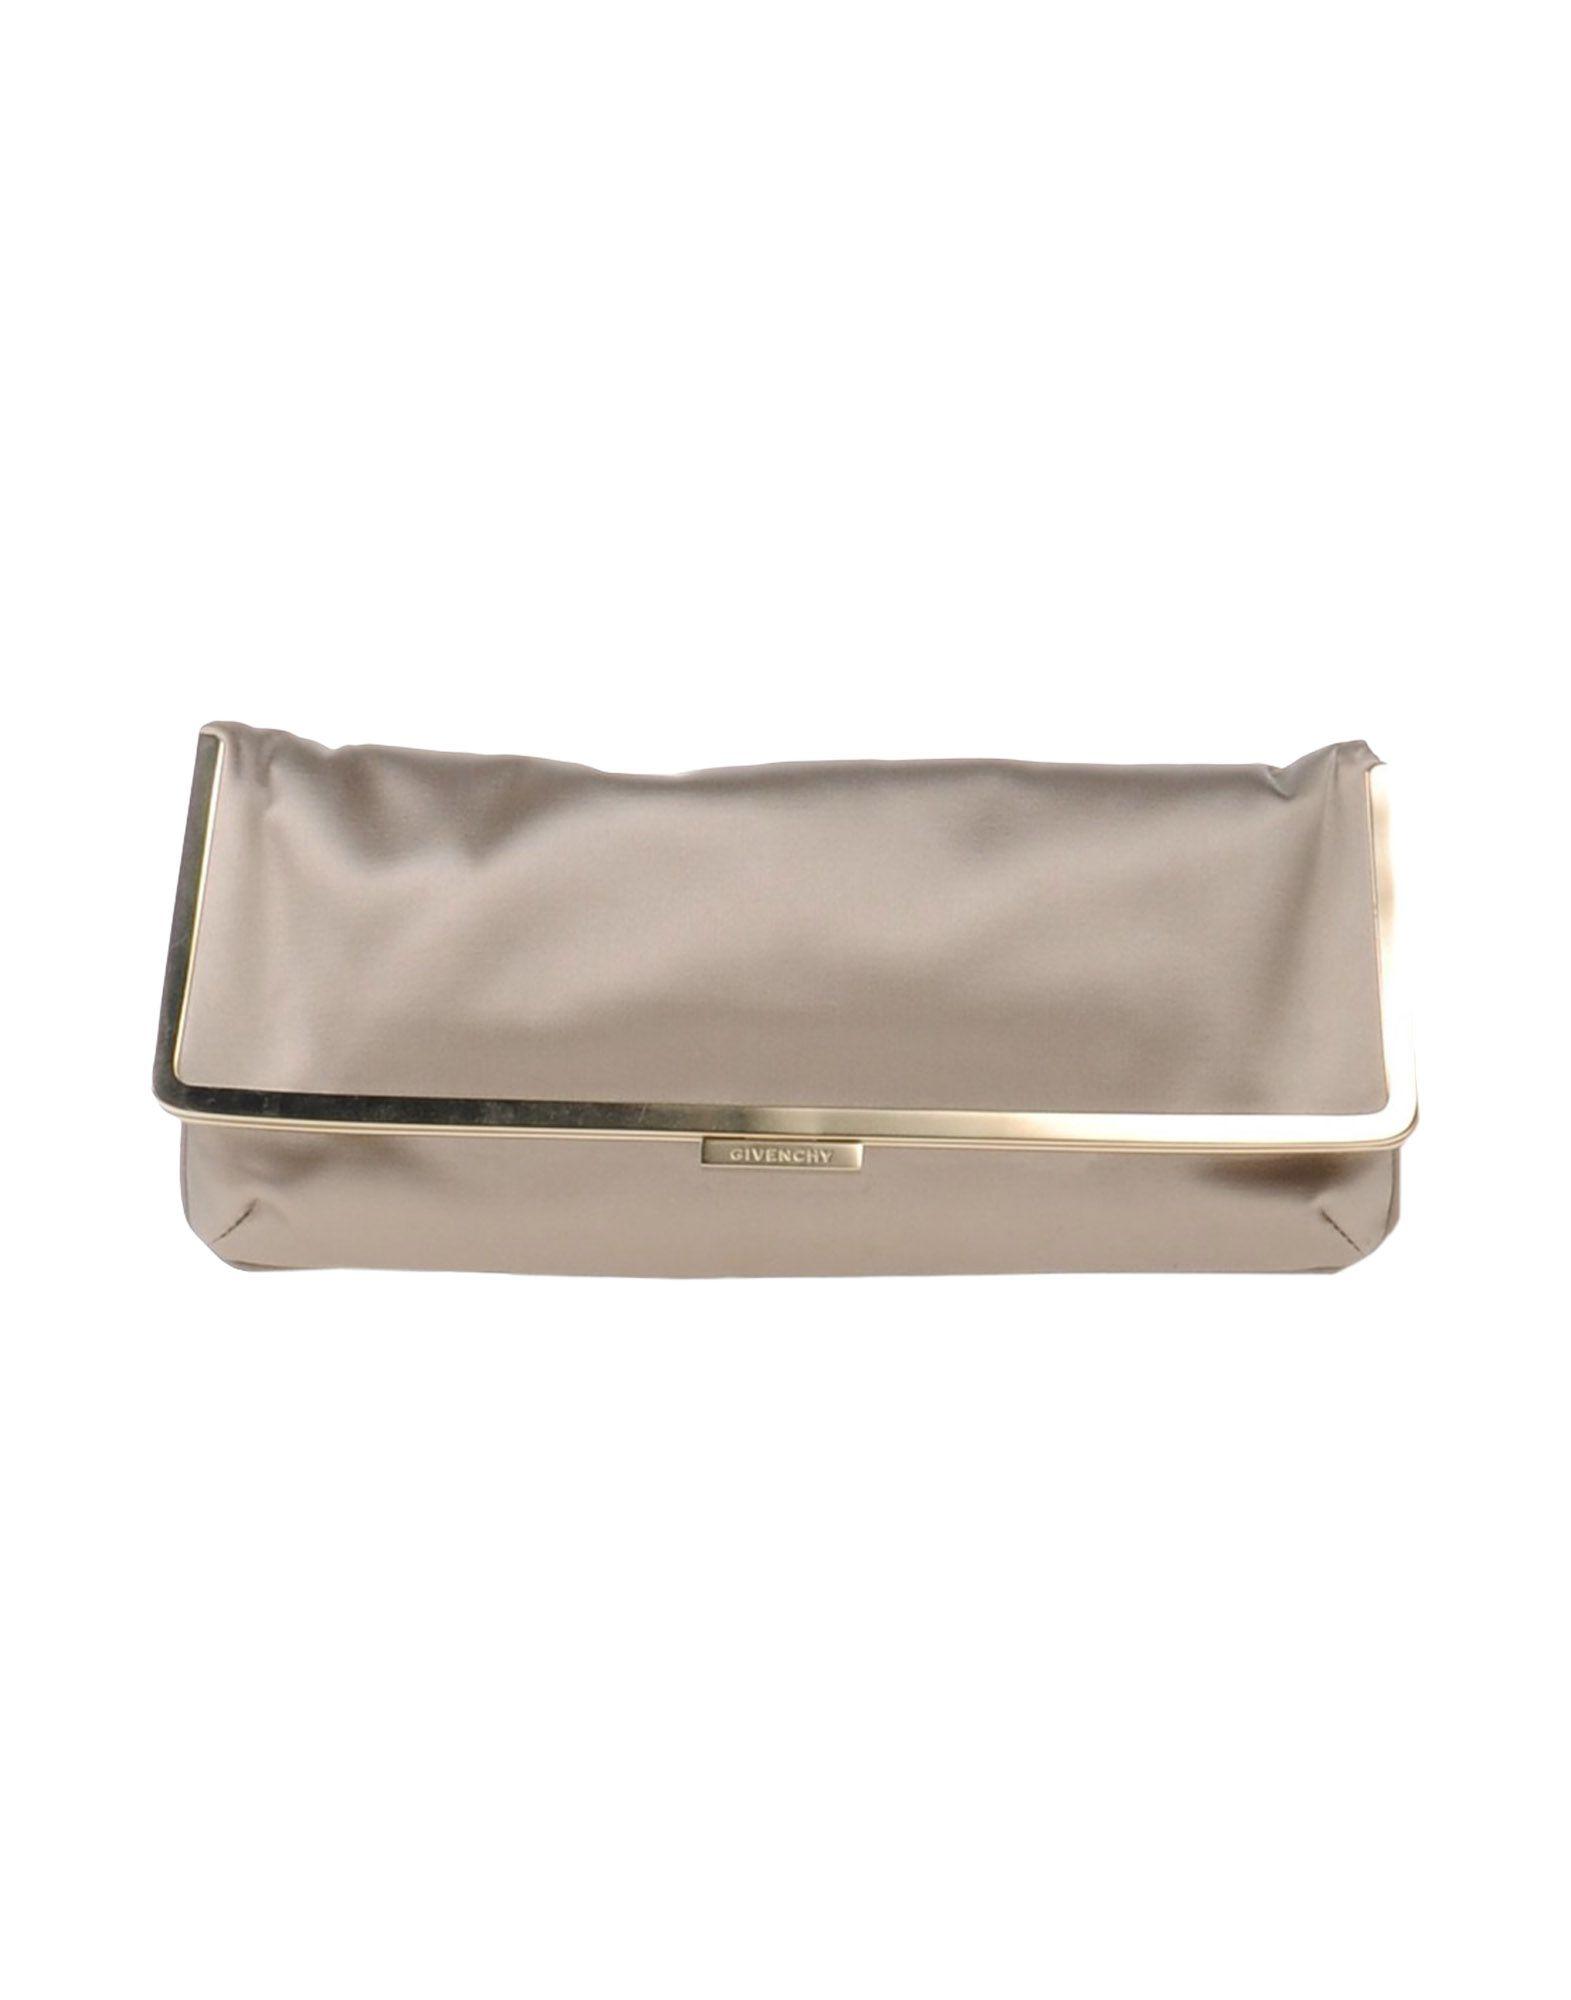 GIVENCHY Damen Handtaschen Farbe Beige Größe 1